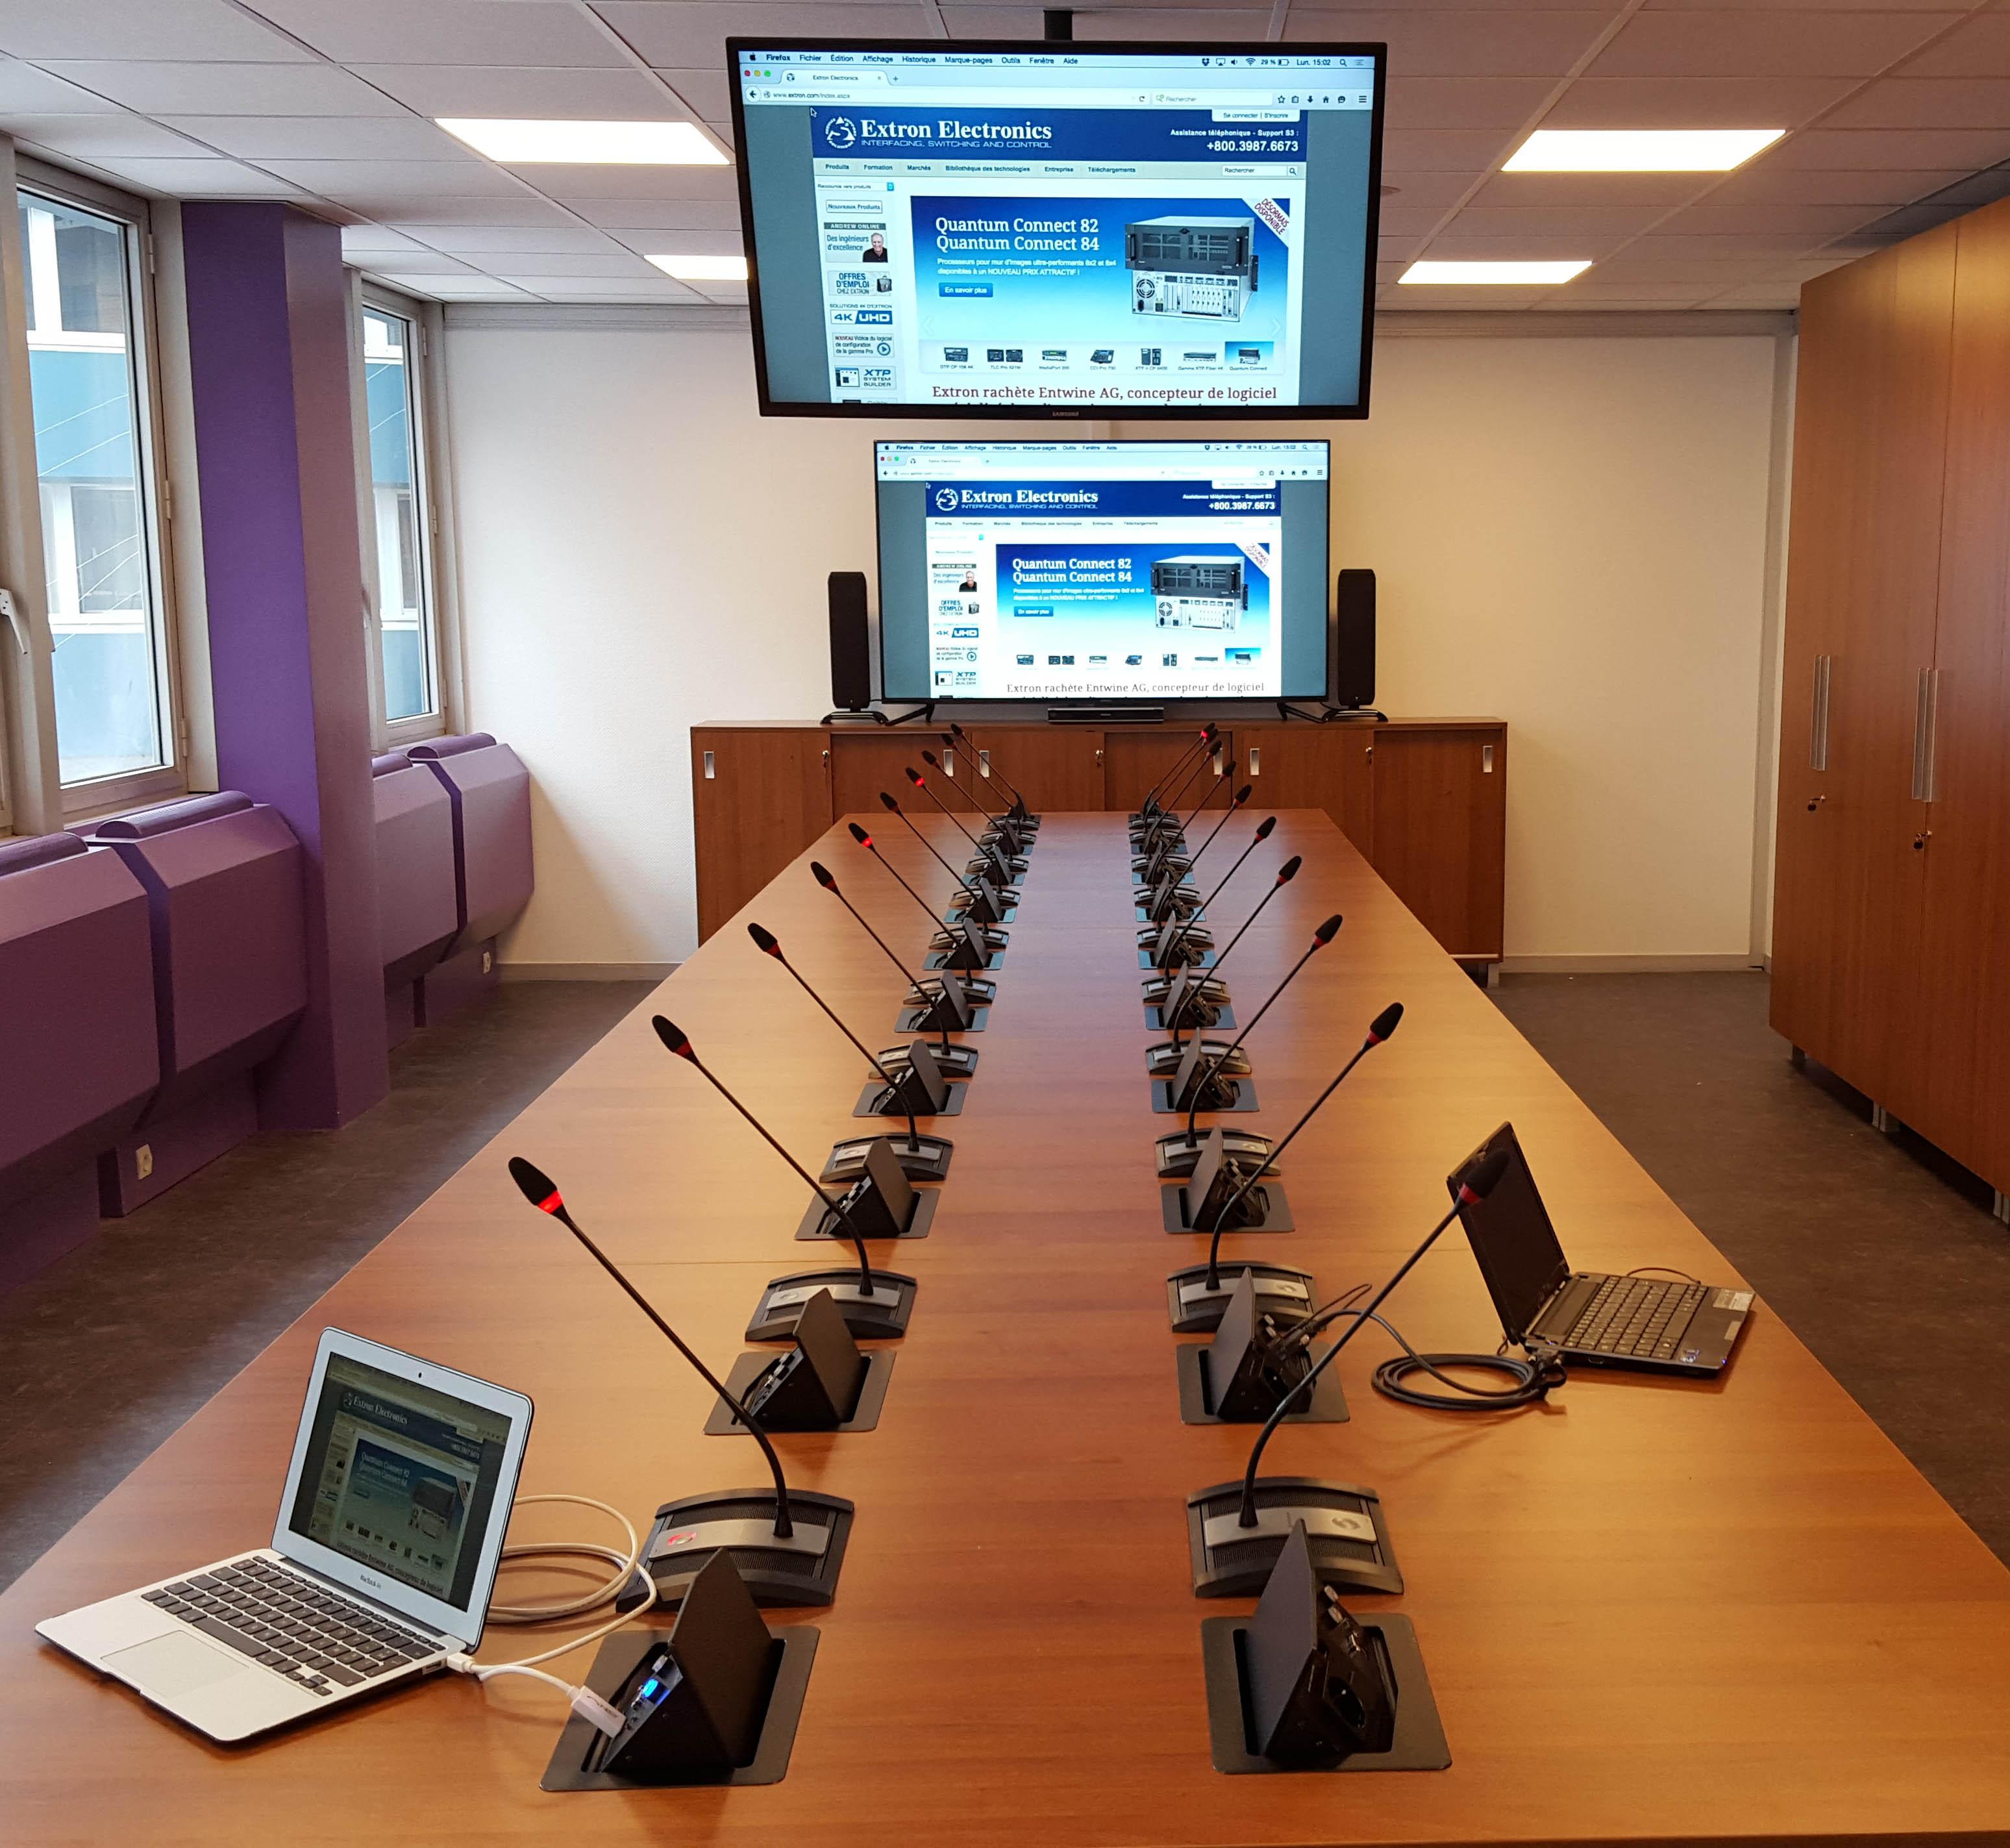 concept one integrateur audio video accueil 2